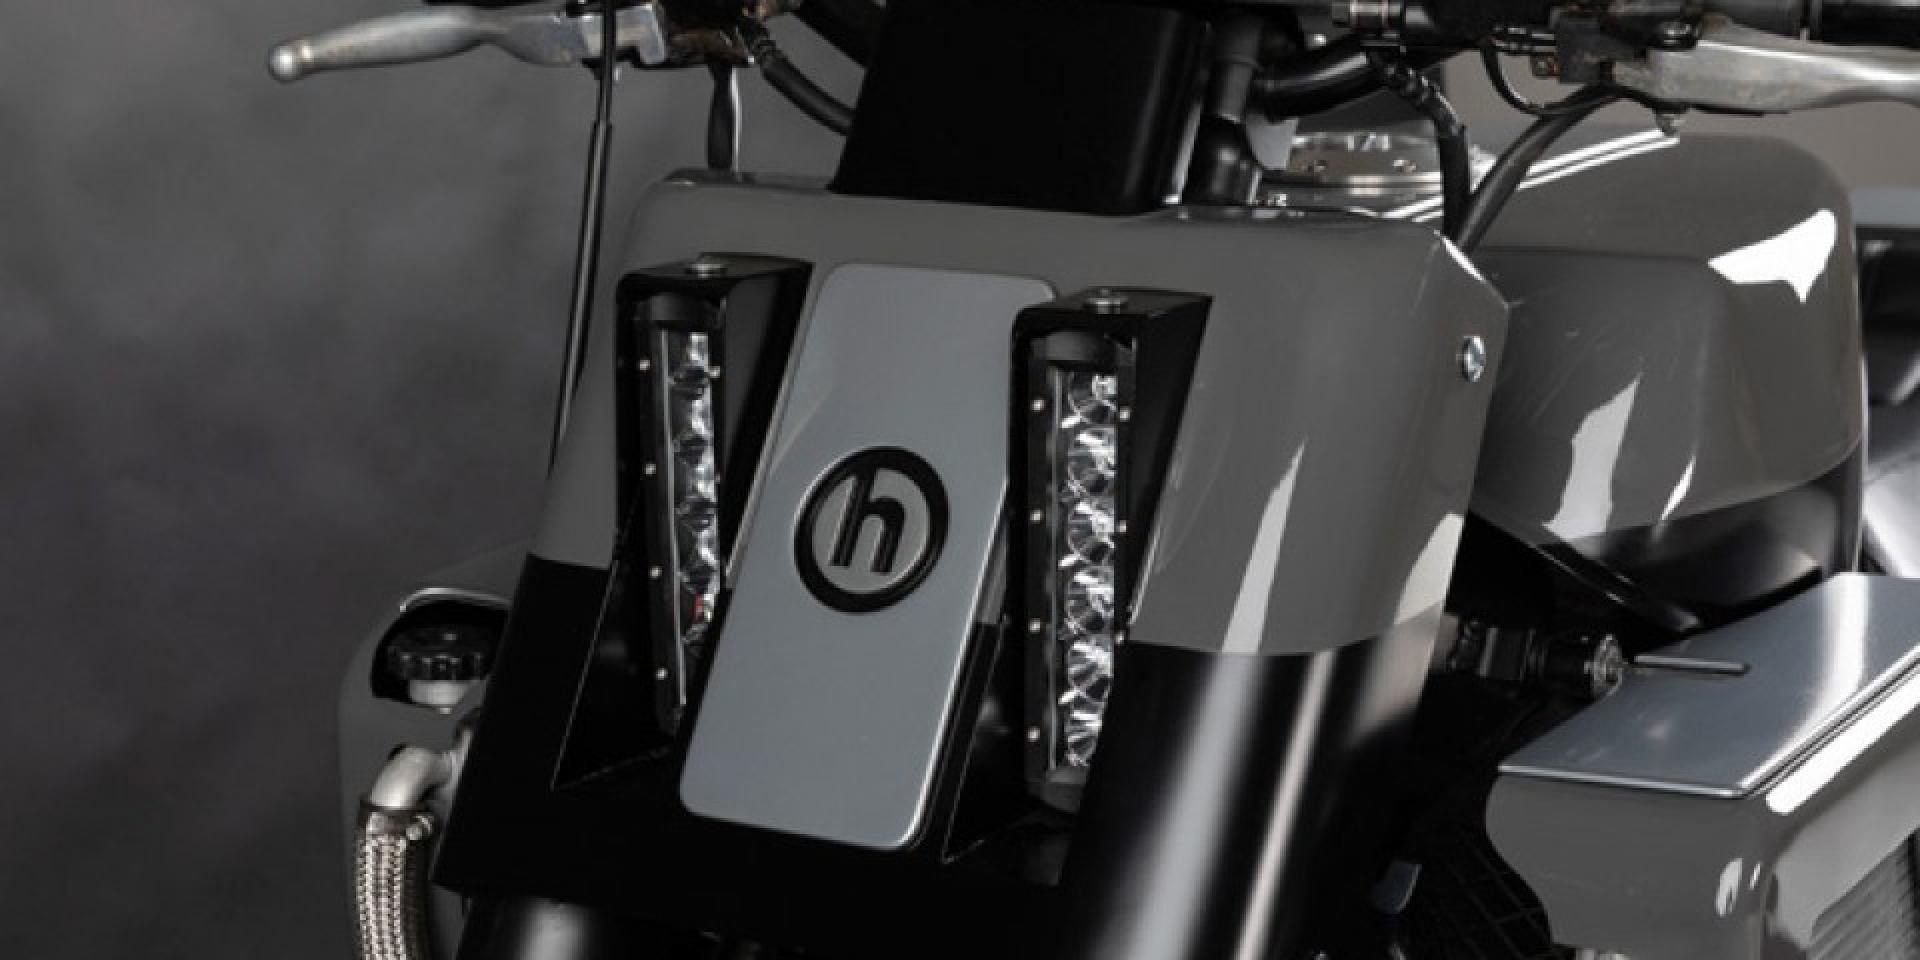 褪衣飛翔的女武神。Honda Valkyrie by H Garage